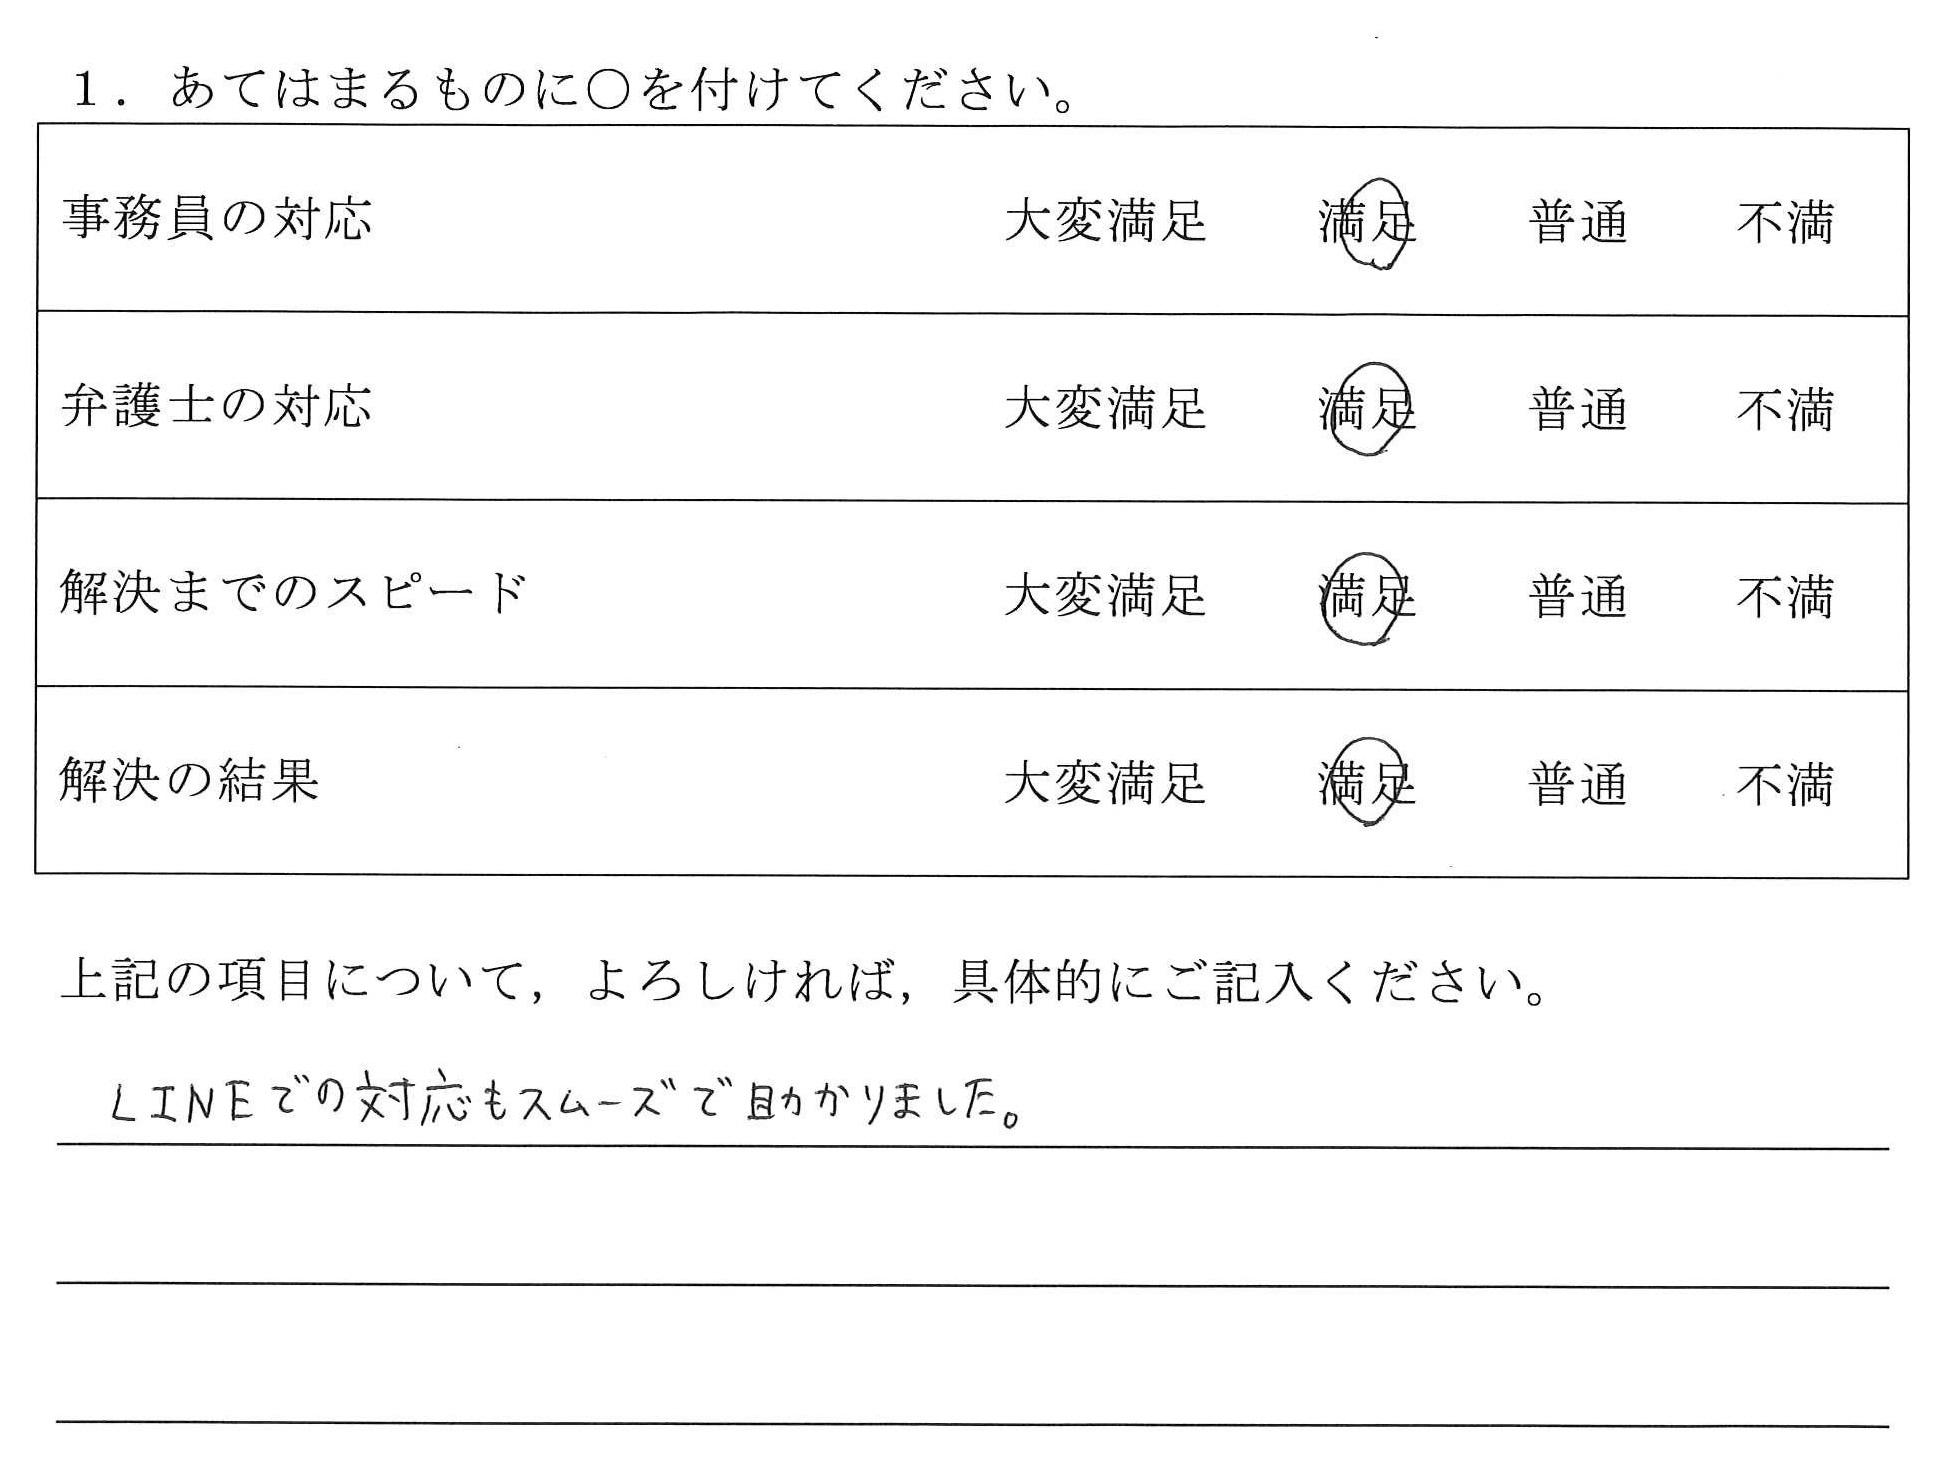 名古屋市20代女性(不貞問題・慰謝料請求) : LINEでの対応もスムーズで助かりました。